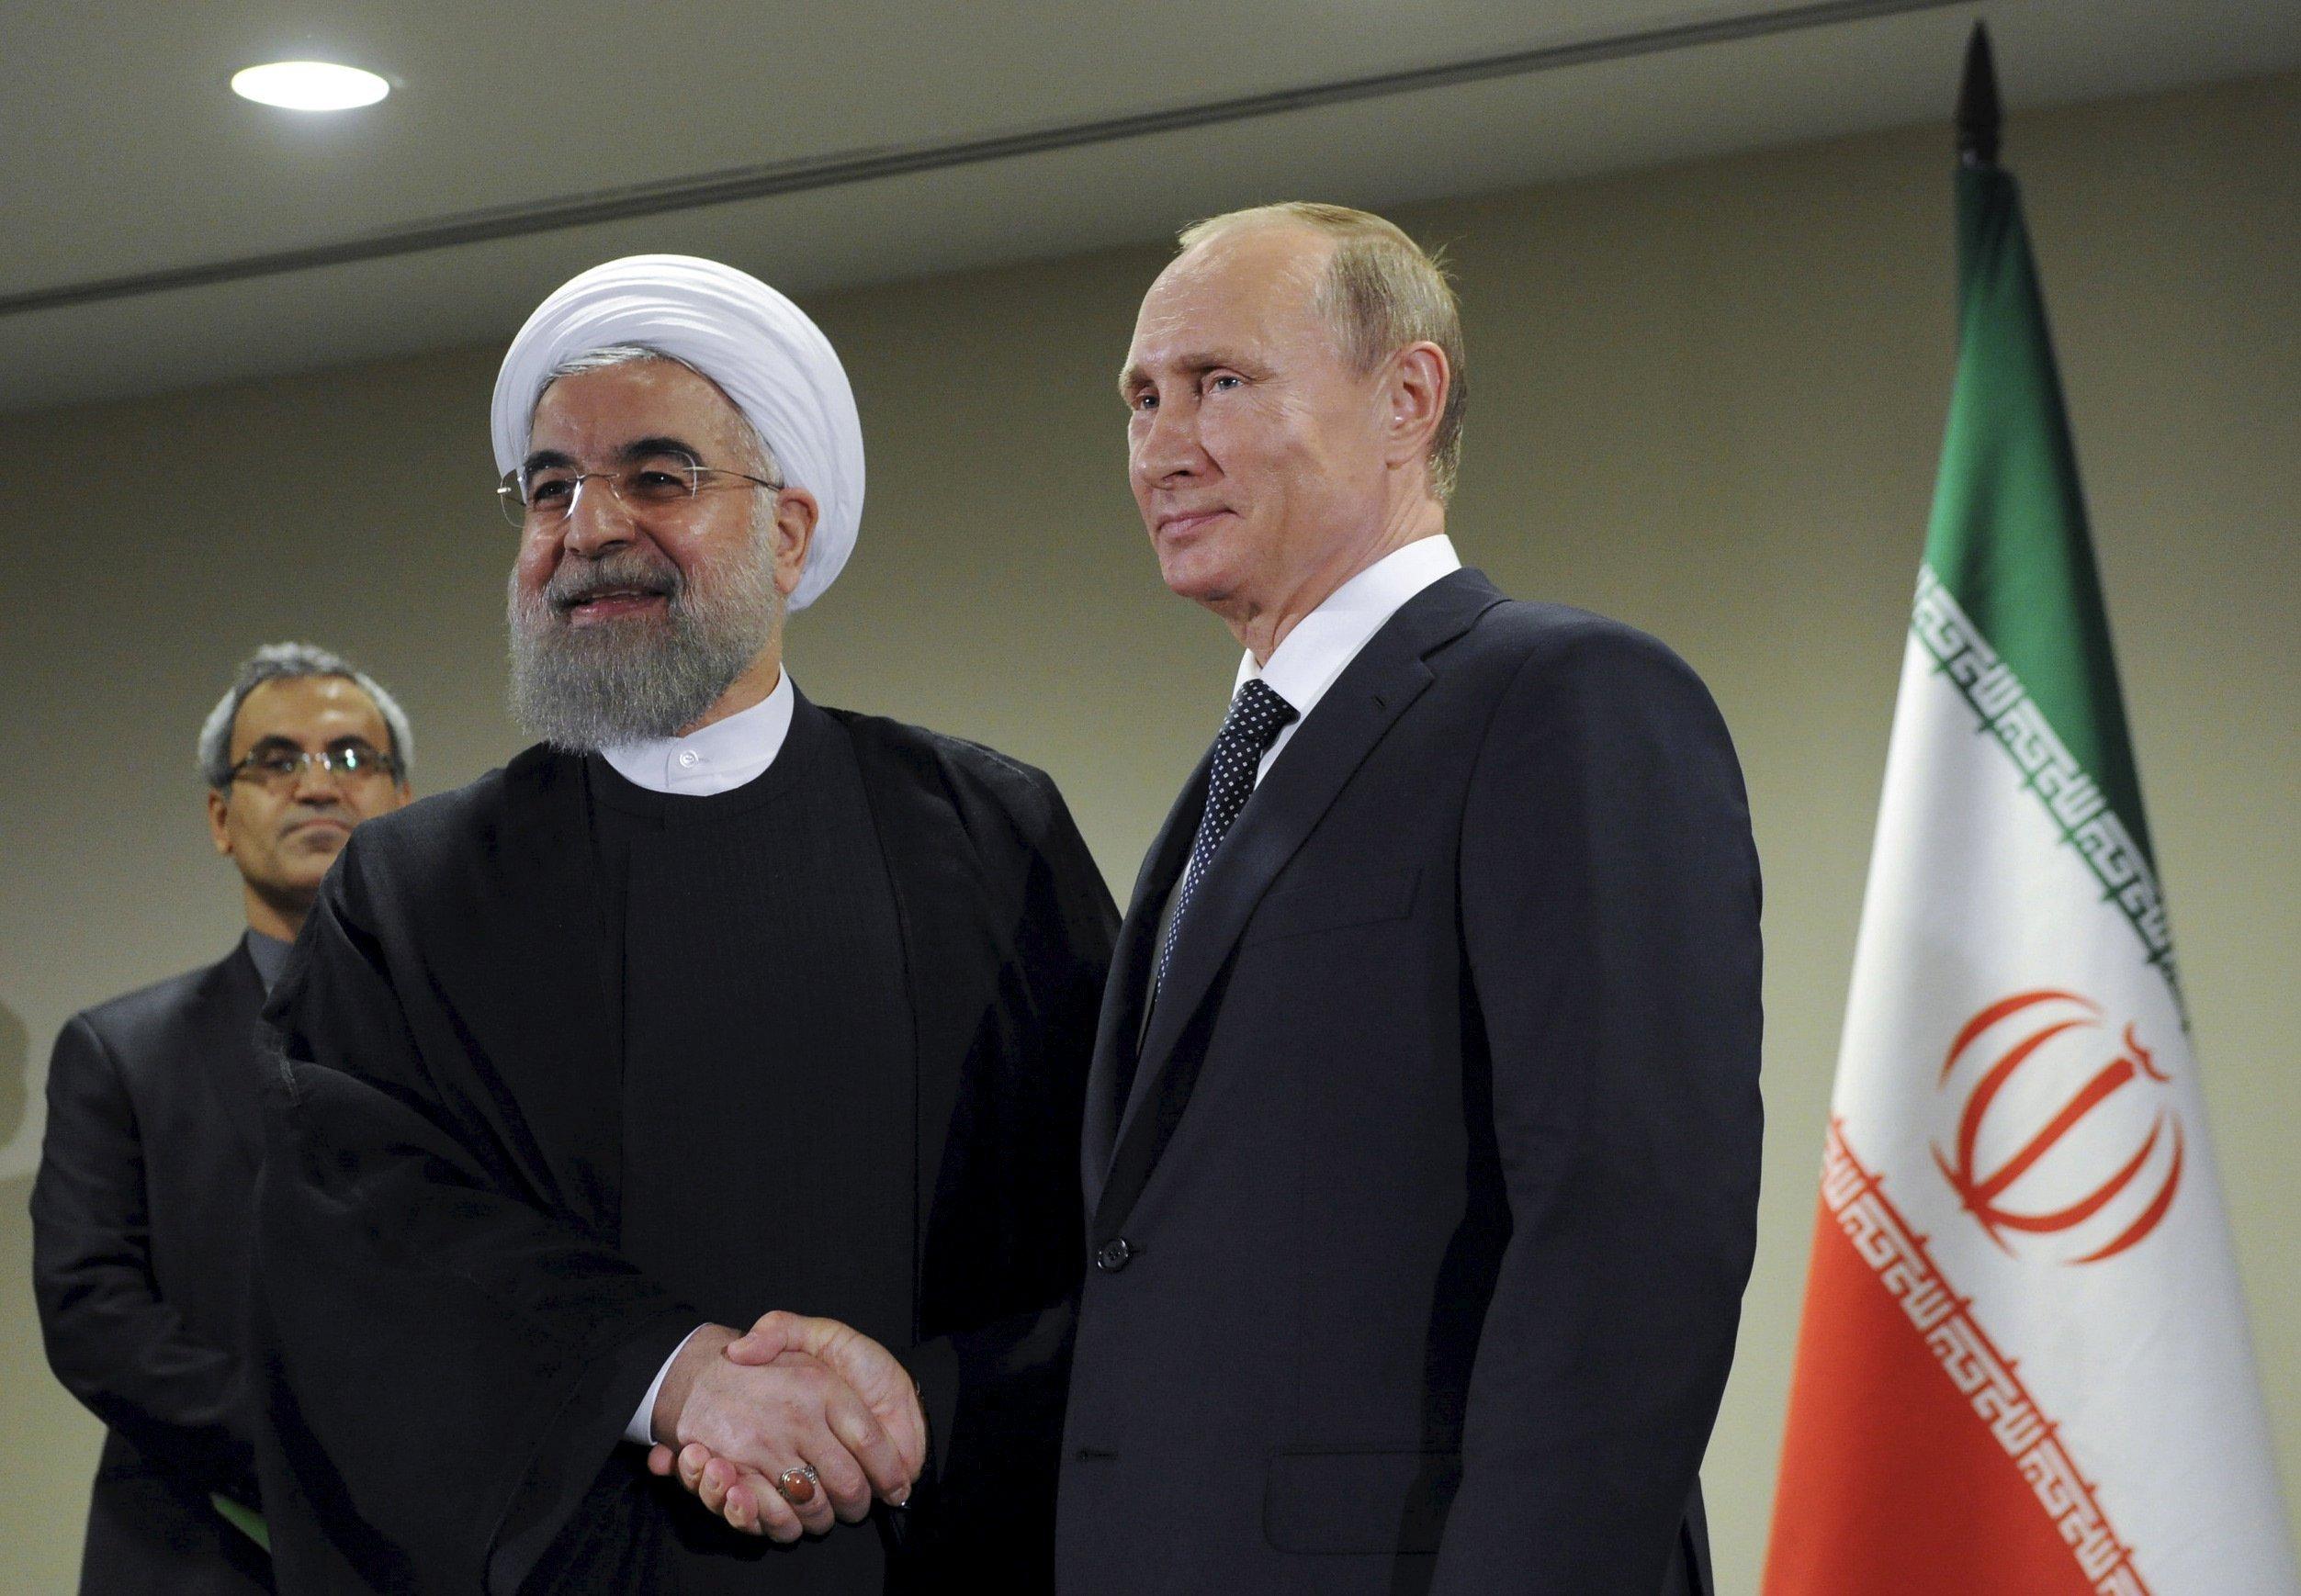 2016-04-26t103750z_1_lynxnpec3p0jx_rtroptp_4_russia-iran